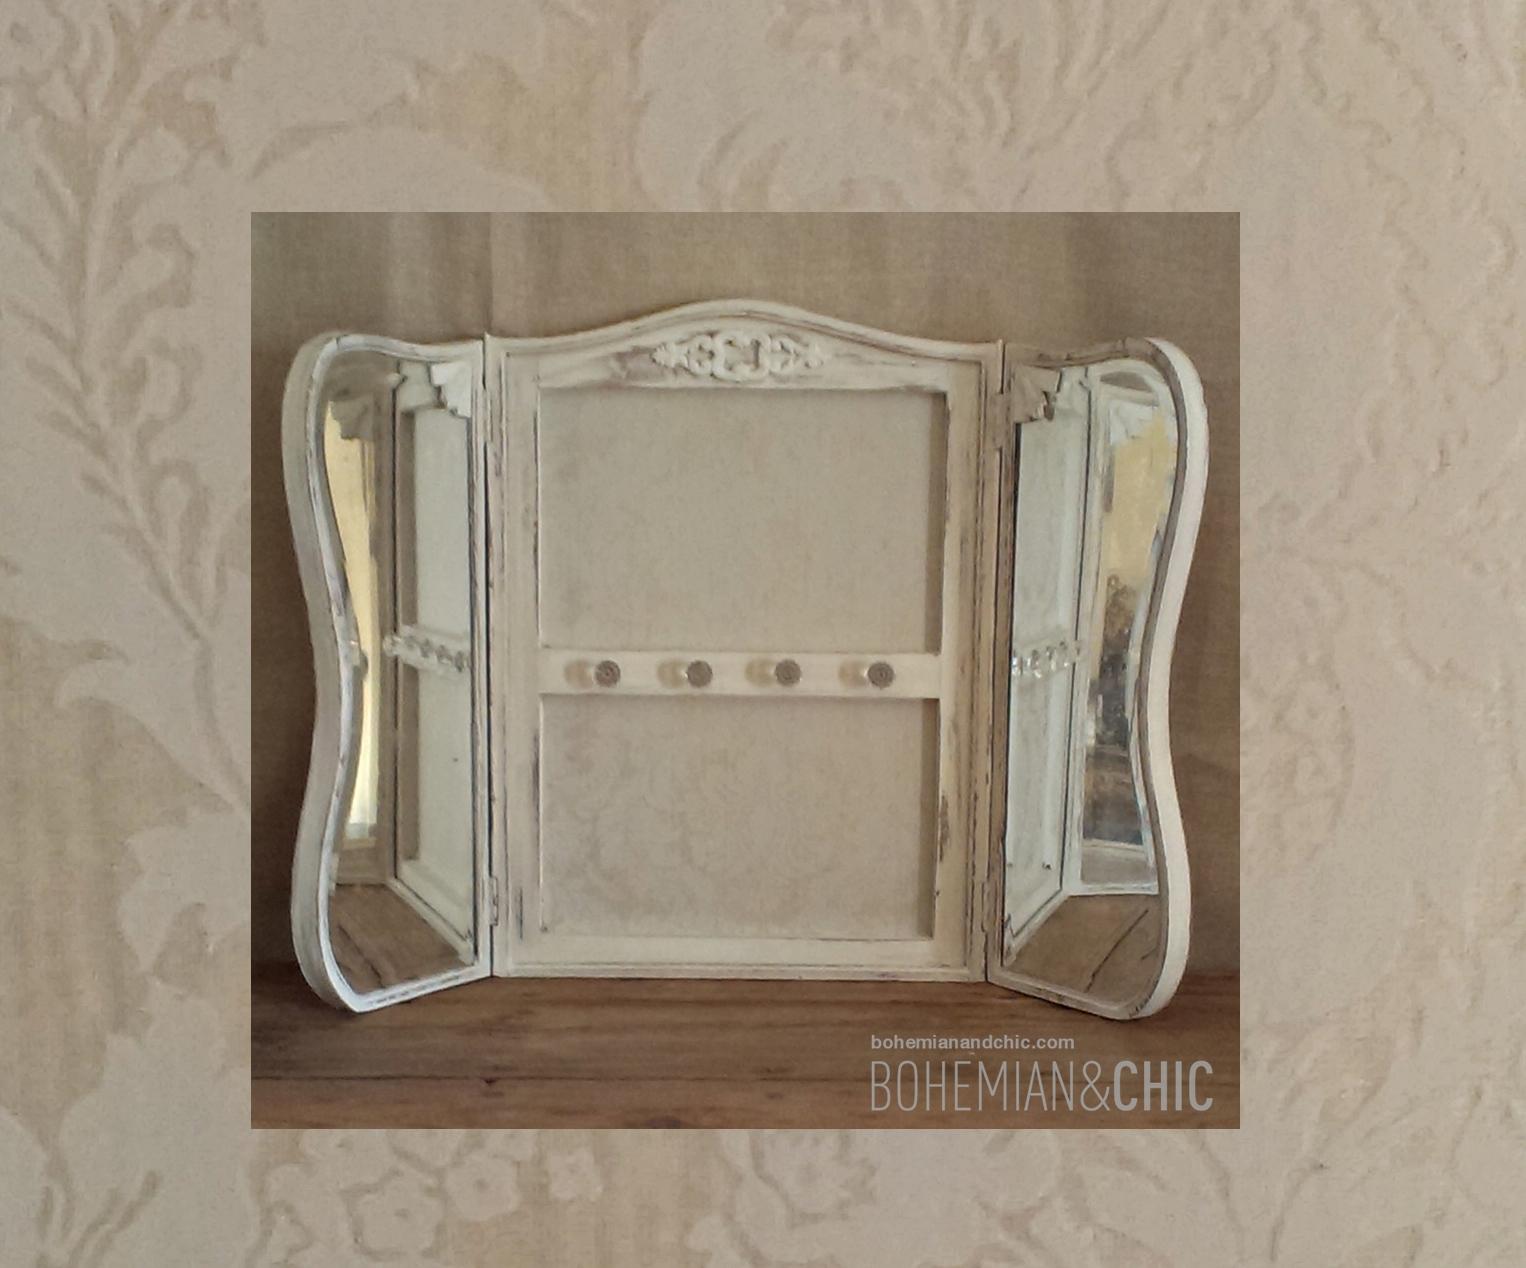 C mo transformar un antiguo espejo en colgador how to - Transformar muebles antiguos ...